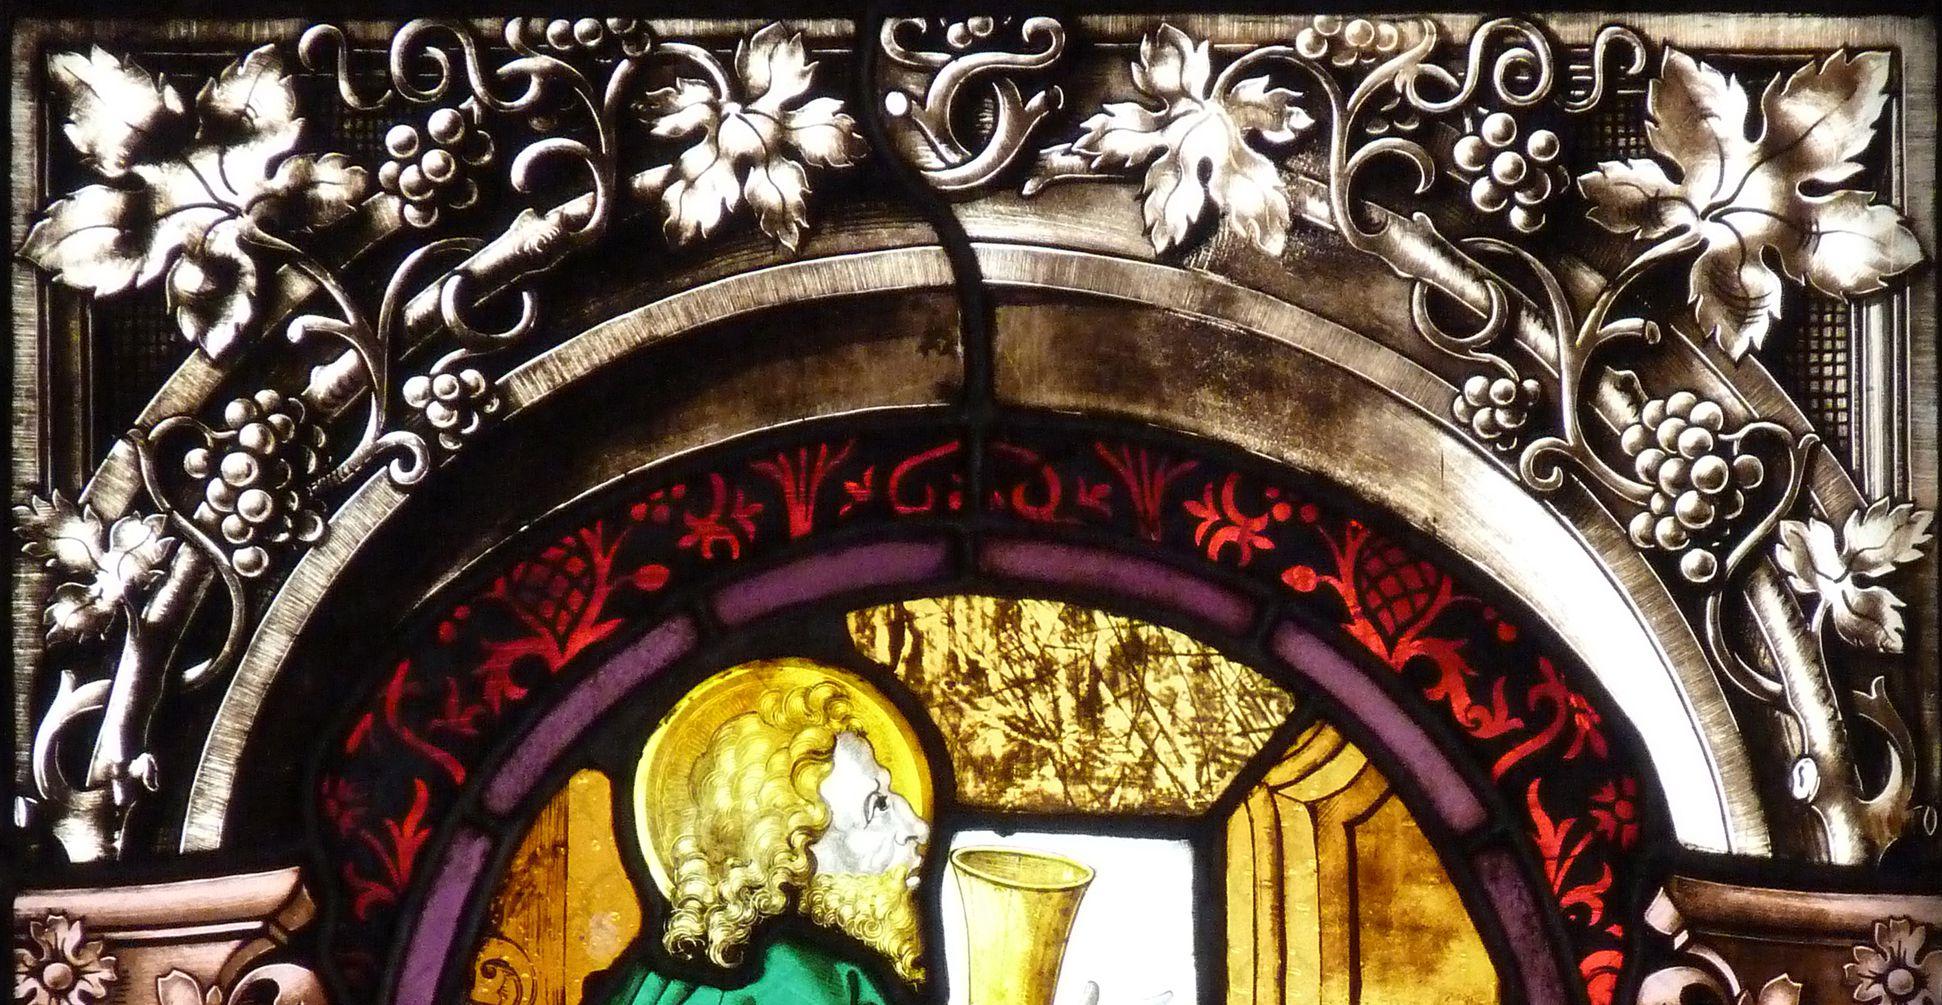 St. Bartholomäus, Chorfenster n II Zweite Zeile, Fenster a, Ev. Johannes, Detail mit Architekturrahmung von 1886